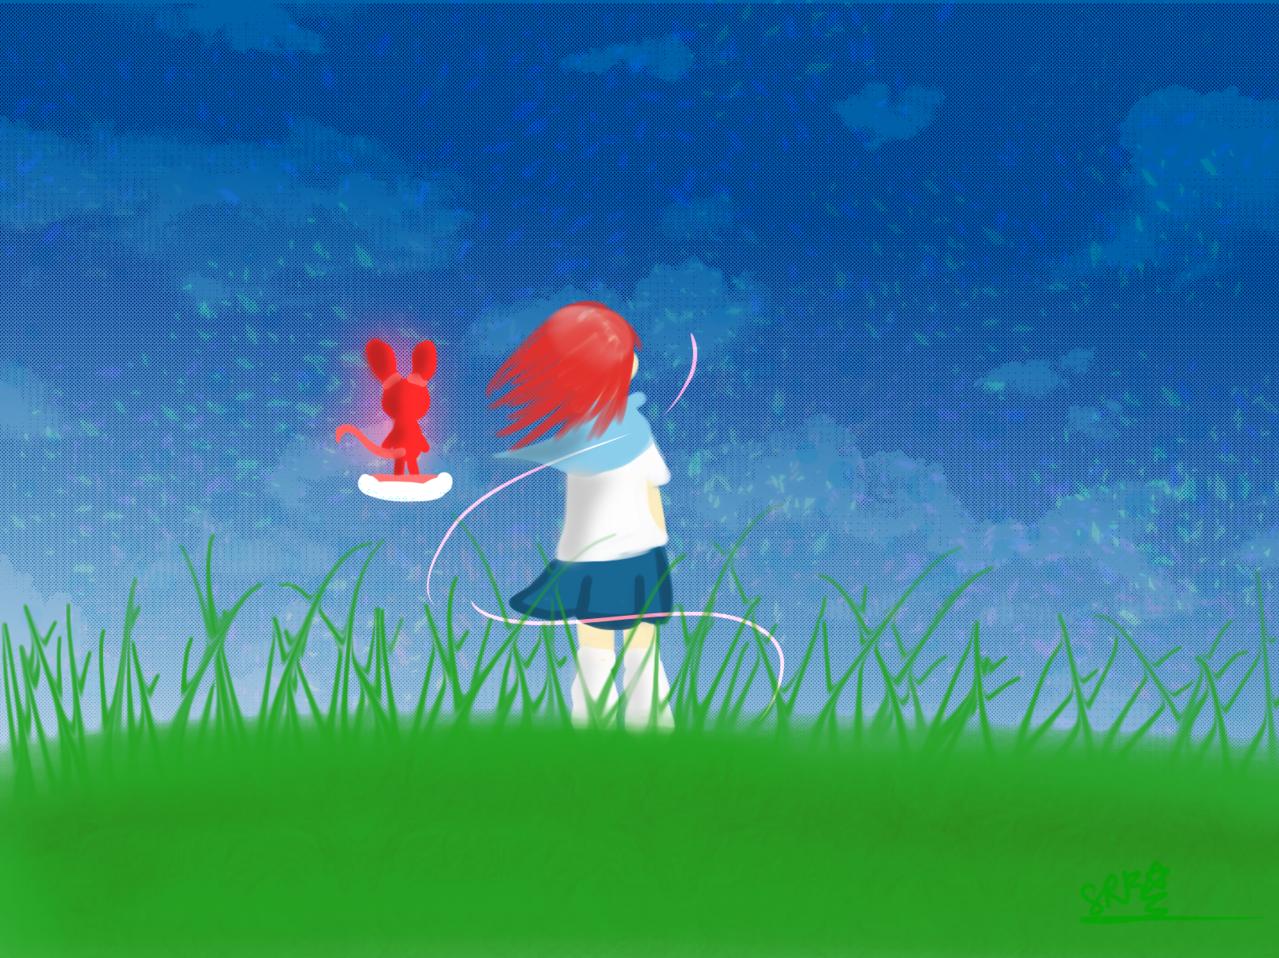 我的祕_密(紅髮女孩)(OTAU) 1 Illust of 神祕的星彩star sky 訓練陰影 魔法 Mysterygirl grass background girl 訓練背景 特效blingbling 自創角色